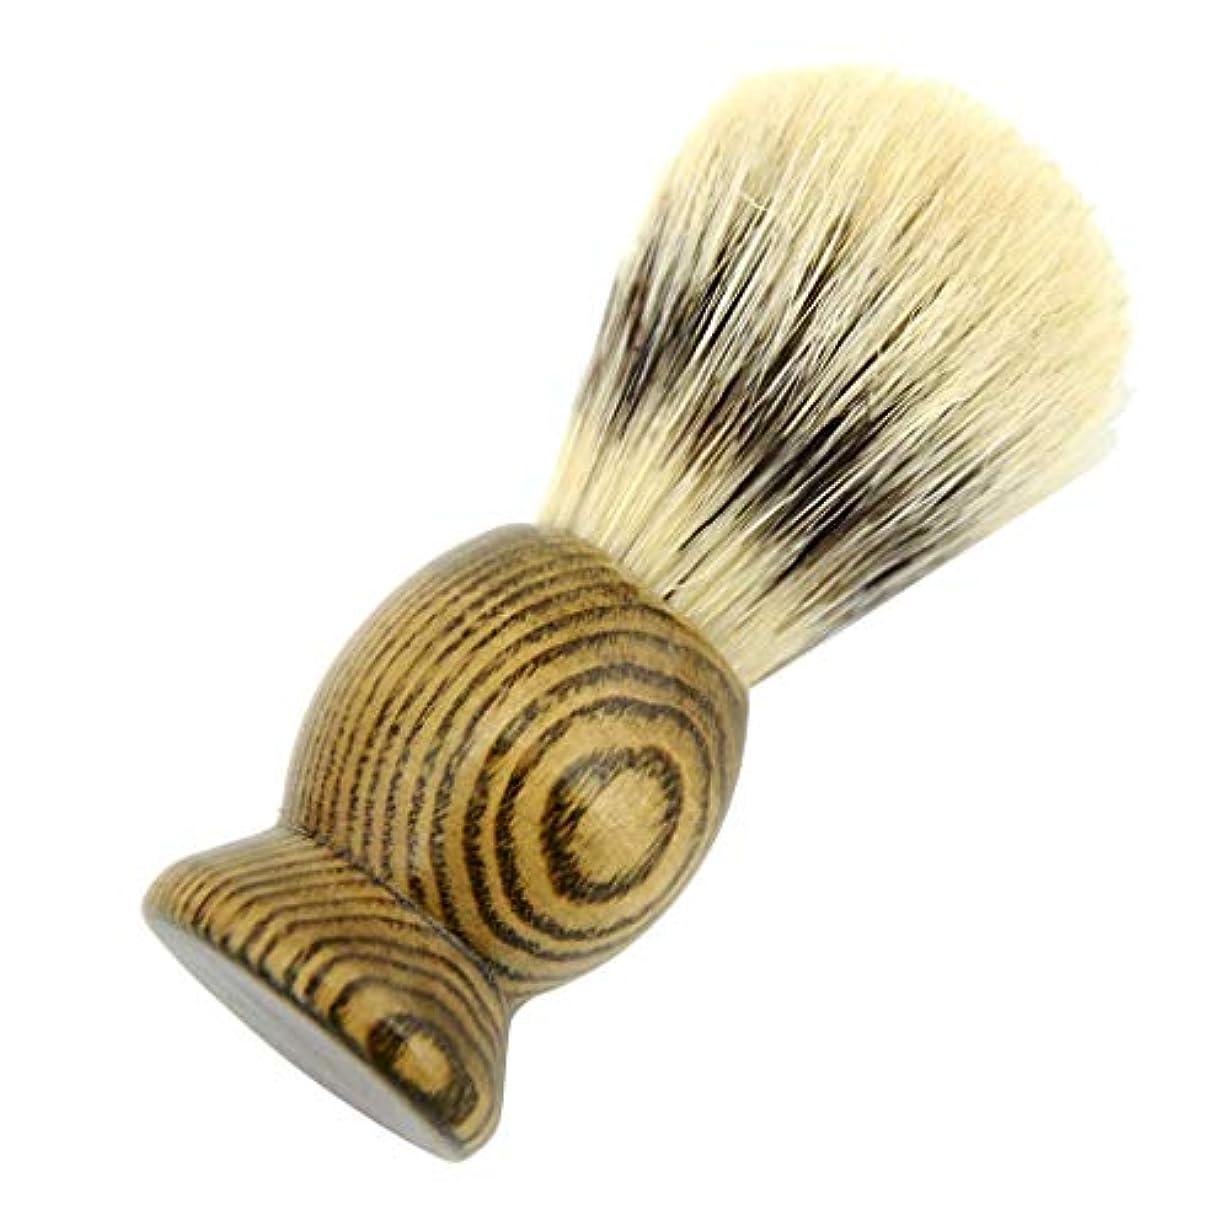 心のこもったアーネストシャクルトンほこりっぽいひげブラシ メンズ シェービングブラシ 髭剃り 理容 洗顔 ポータブルひげ剃り美容ツール